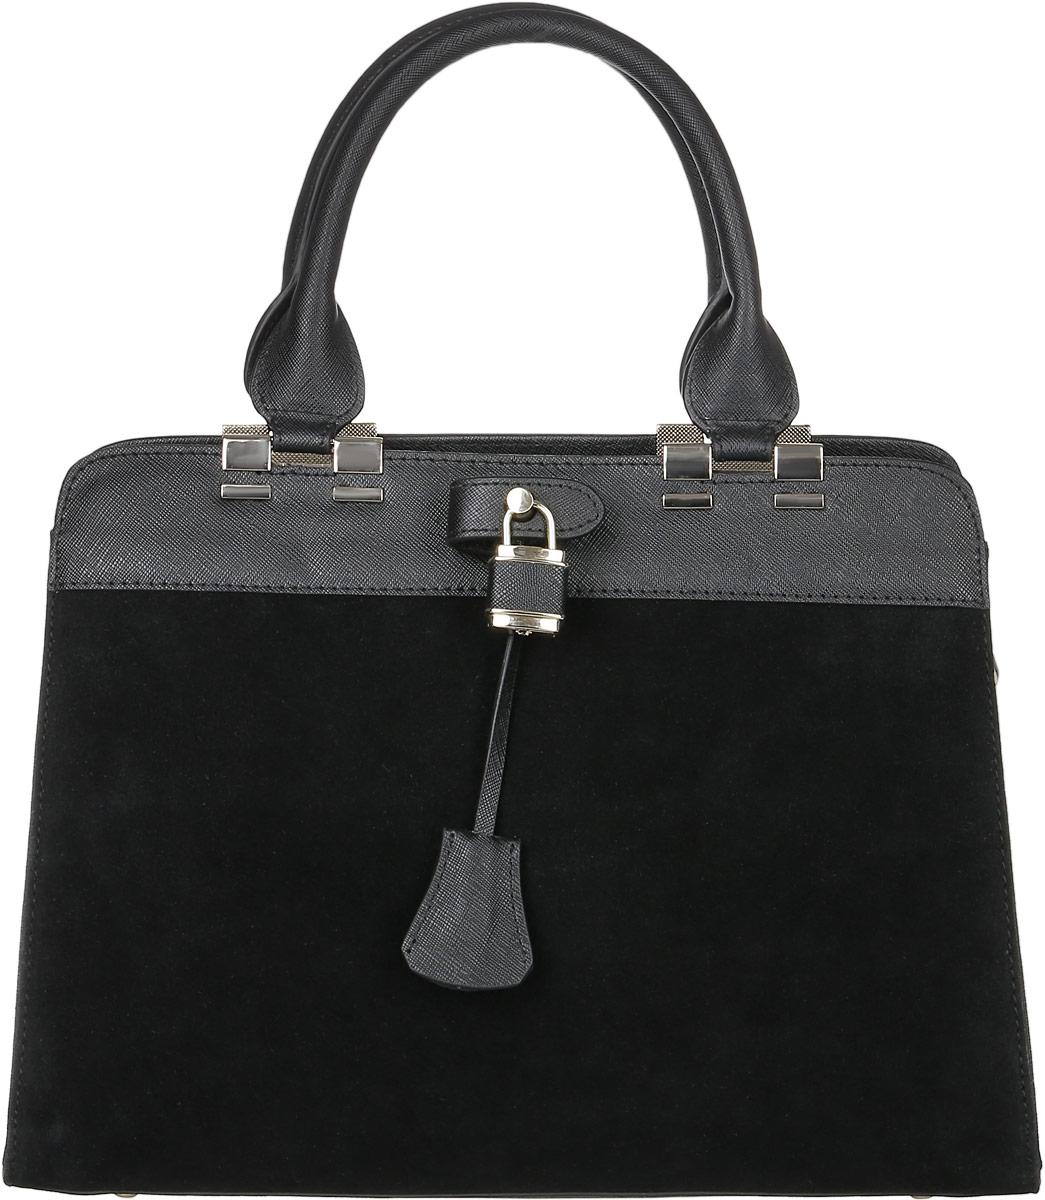 Сумка женская Vita Pelle, цвет: черный. 3055-5EQW-M710DB-1A1Стильная женская сумка Vita Pelle изготовлена из натуральной кожи. Лицевая часть модели выполнена из натуральной замши. Изделие имеет одно вместительное отделение. Внутри расположены два накладных открытых кармана, прорезной карман на застежке-молнии и карман на молнии по середине. Закрывается изделие на застежку-молнию. На задней стенке снаружи карман на молнии. Сумка оснащена наплечным ремнем регулируемым по длине. Изделие украшено металлическим замочком и ключиком к нему. Дно модели дополнено металлическими ножками.